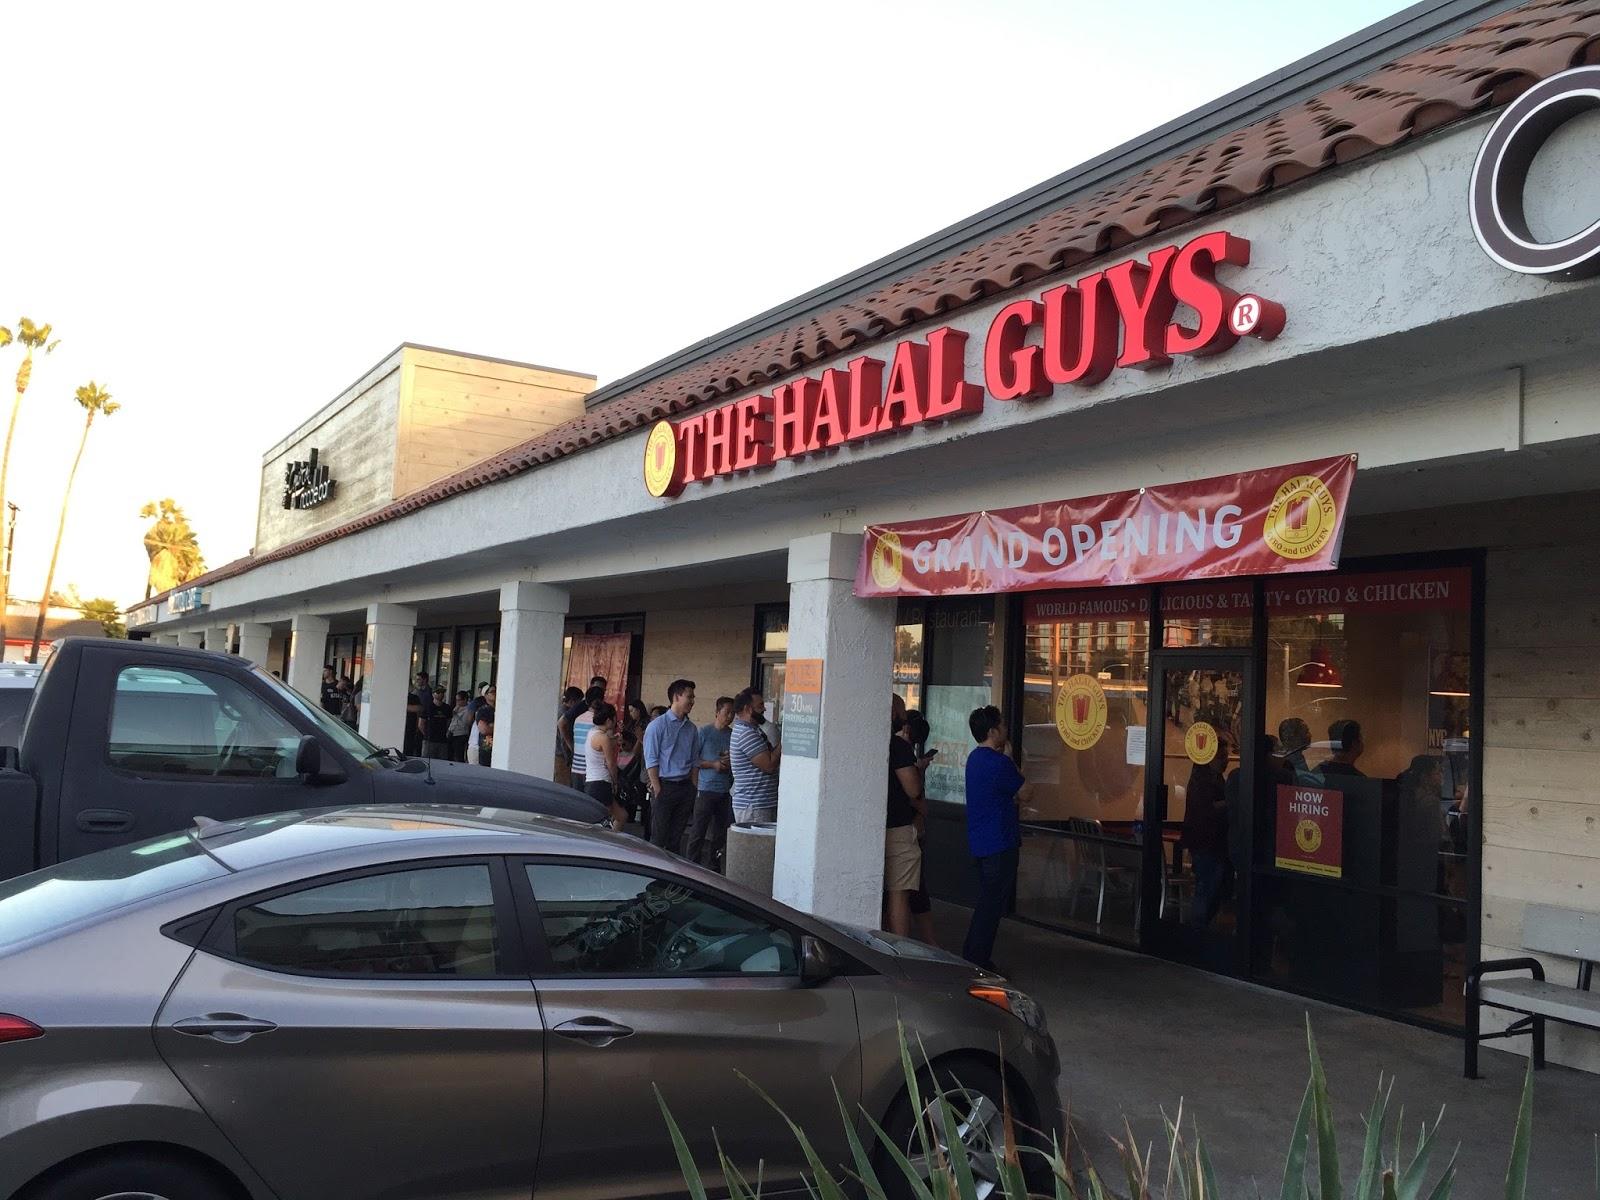 costa mesa guys Participating locations in california the halal guys costa mesa 3033 bristol street suite e costa mesa, ca (714) 850-1080 open.